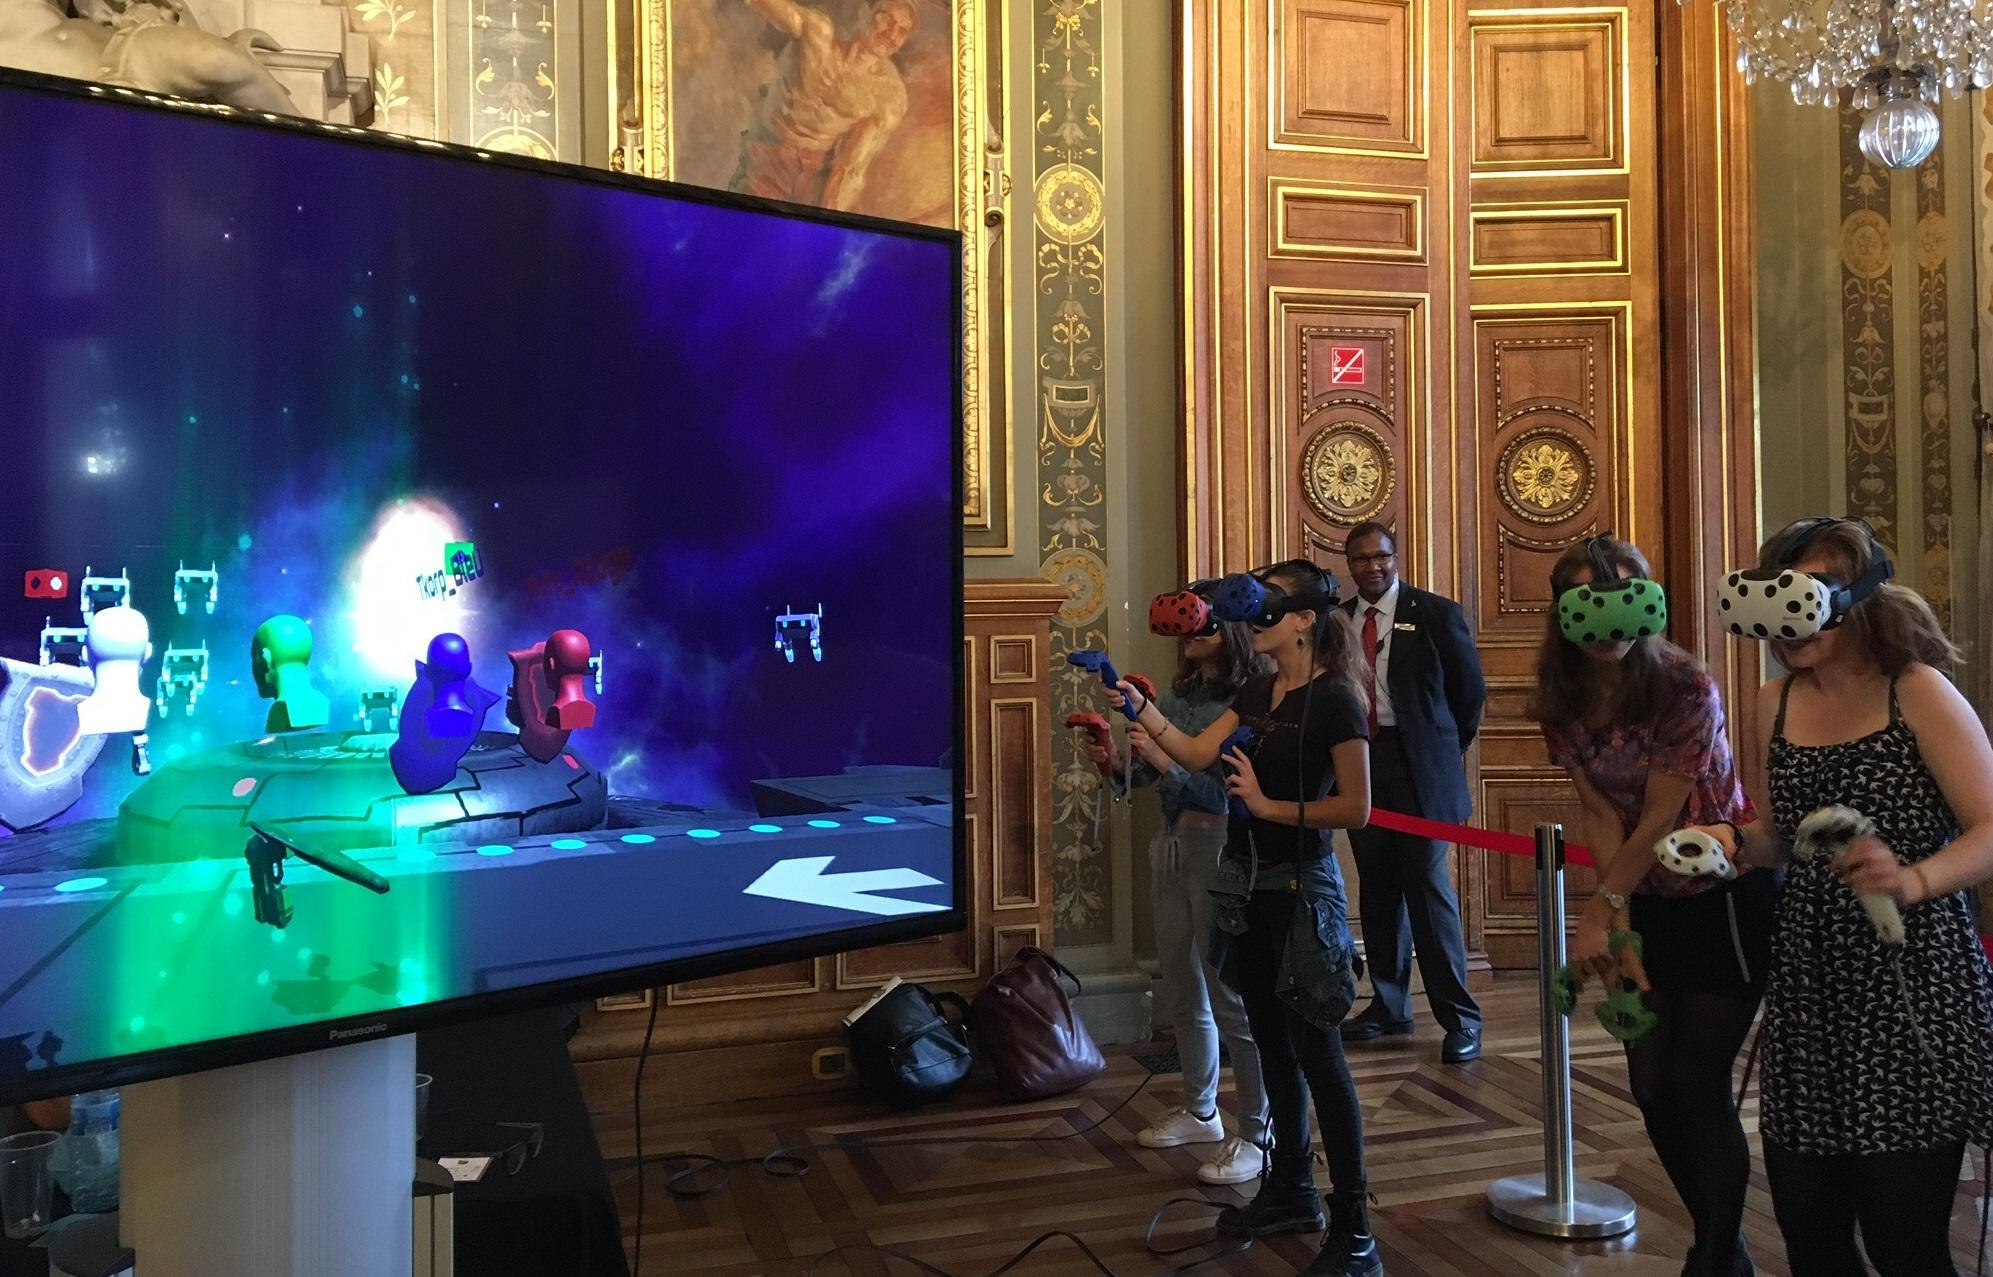 """Résultat de recherche d'images pour """"réalité virtuelle team building"""""""